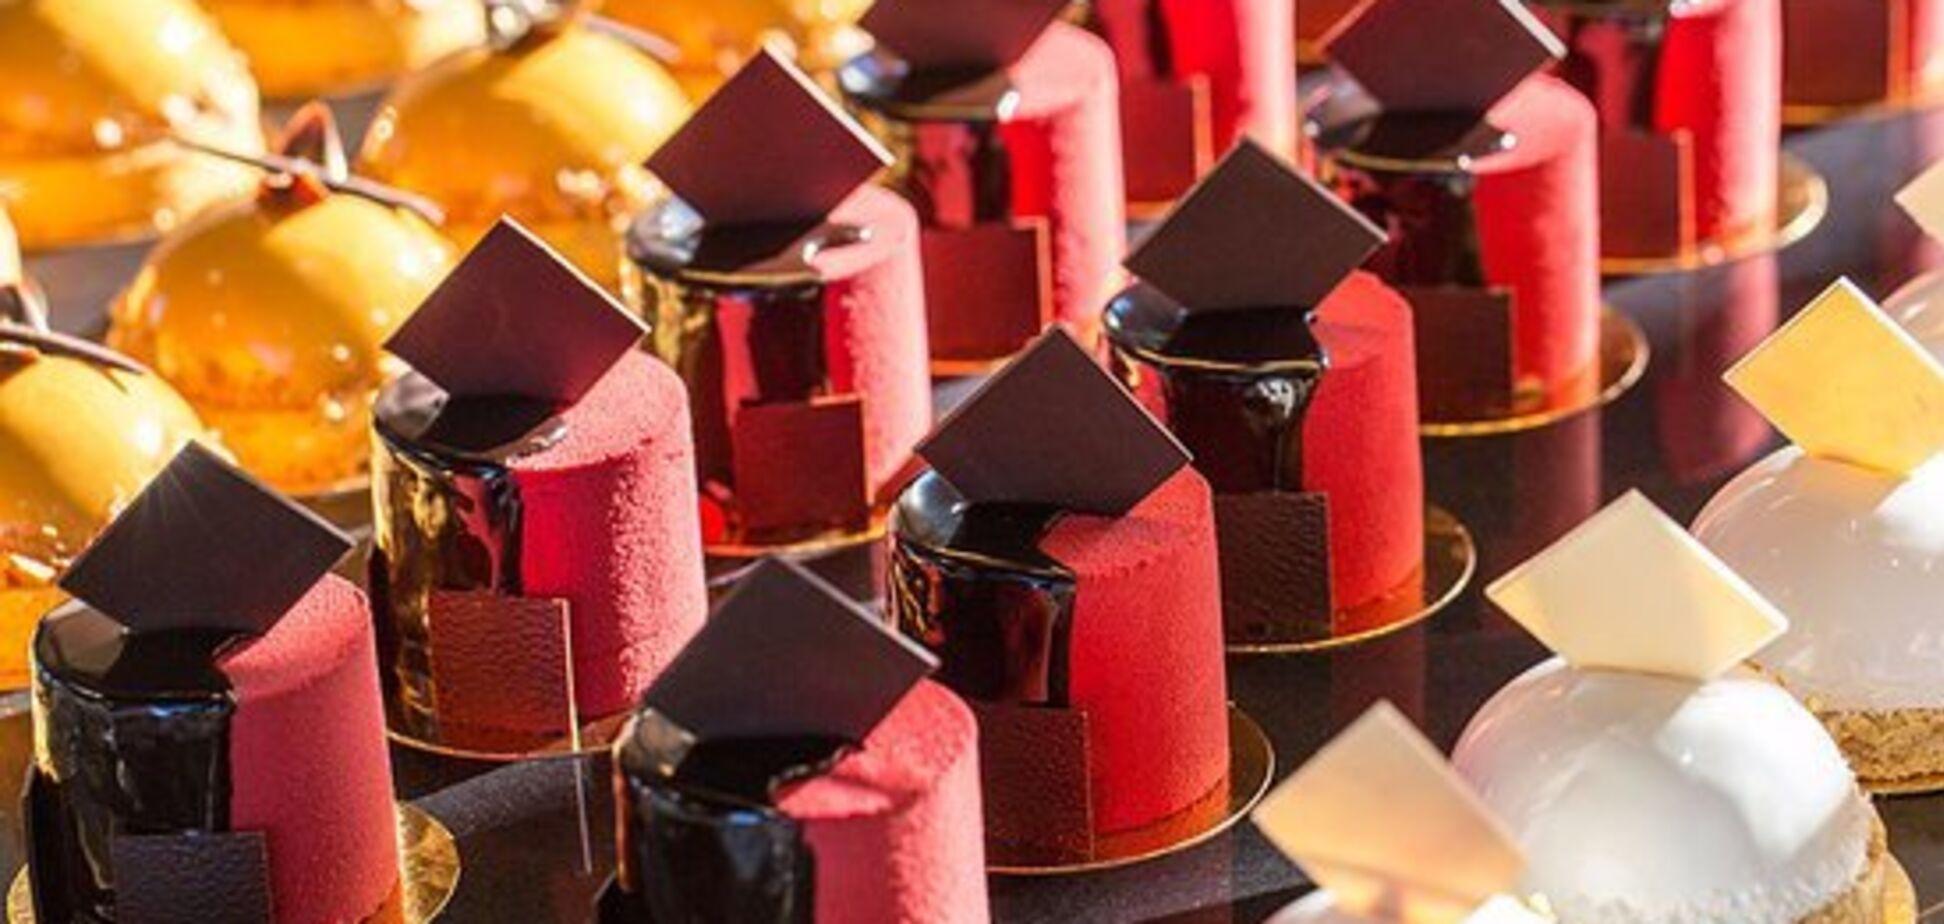 Десерт - не той продукт, яким треба наїдатися: як вибирати солодощі